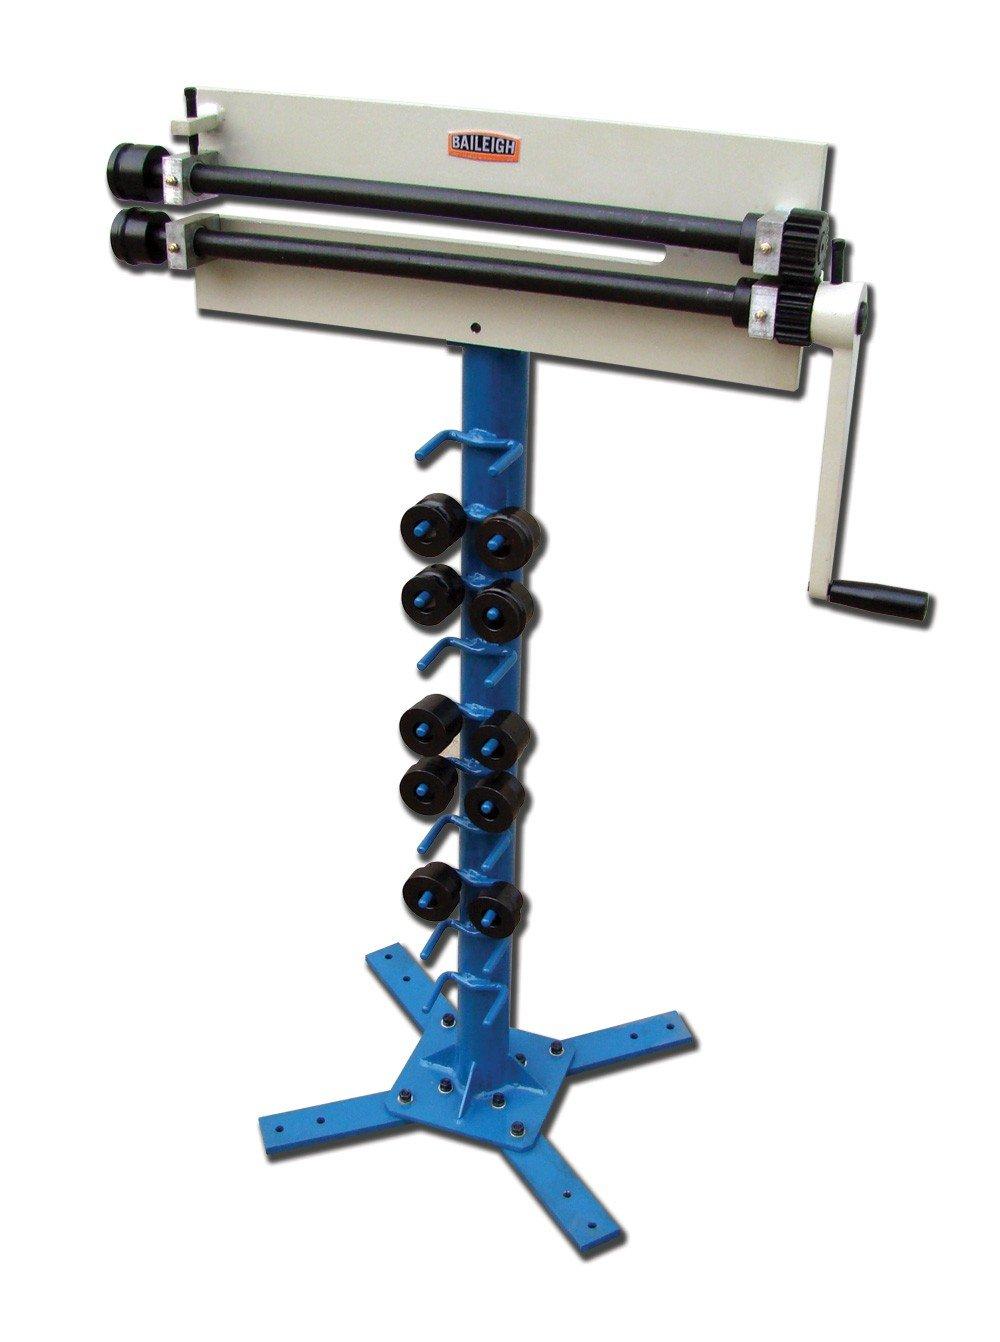 Baileigh BR-18M-18 Steel Bead Roller Machine, 18'' Throat Depth, 18-Gauge Capacity